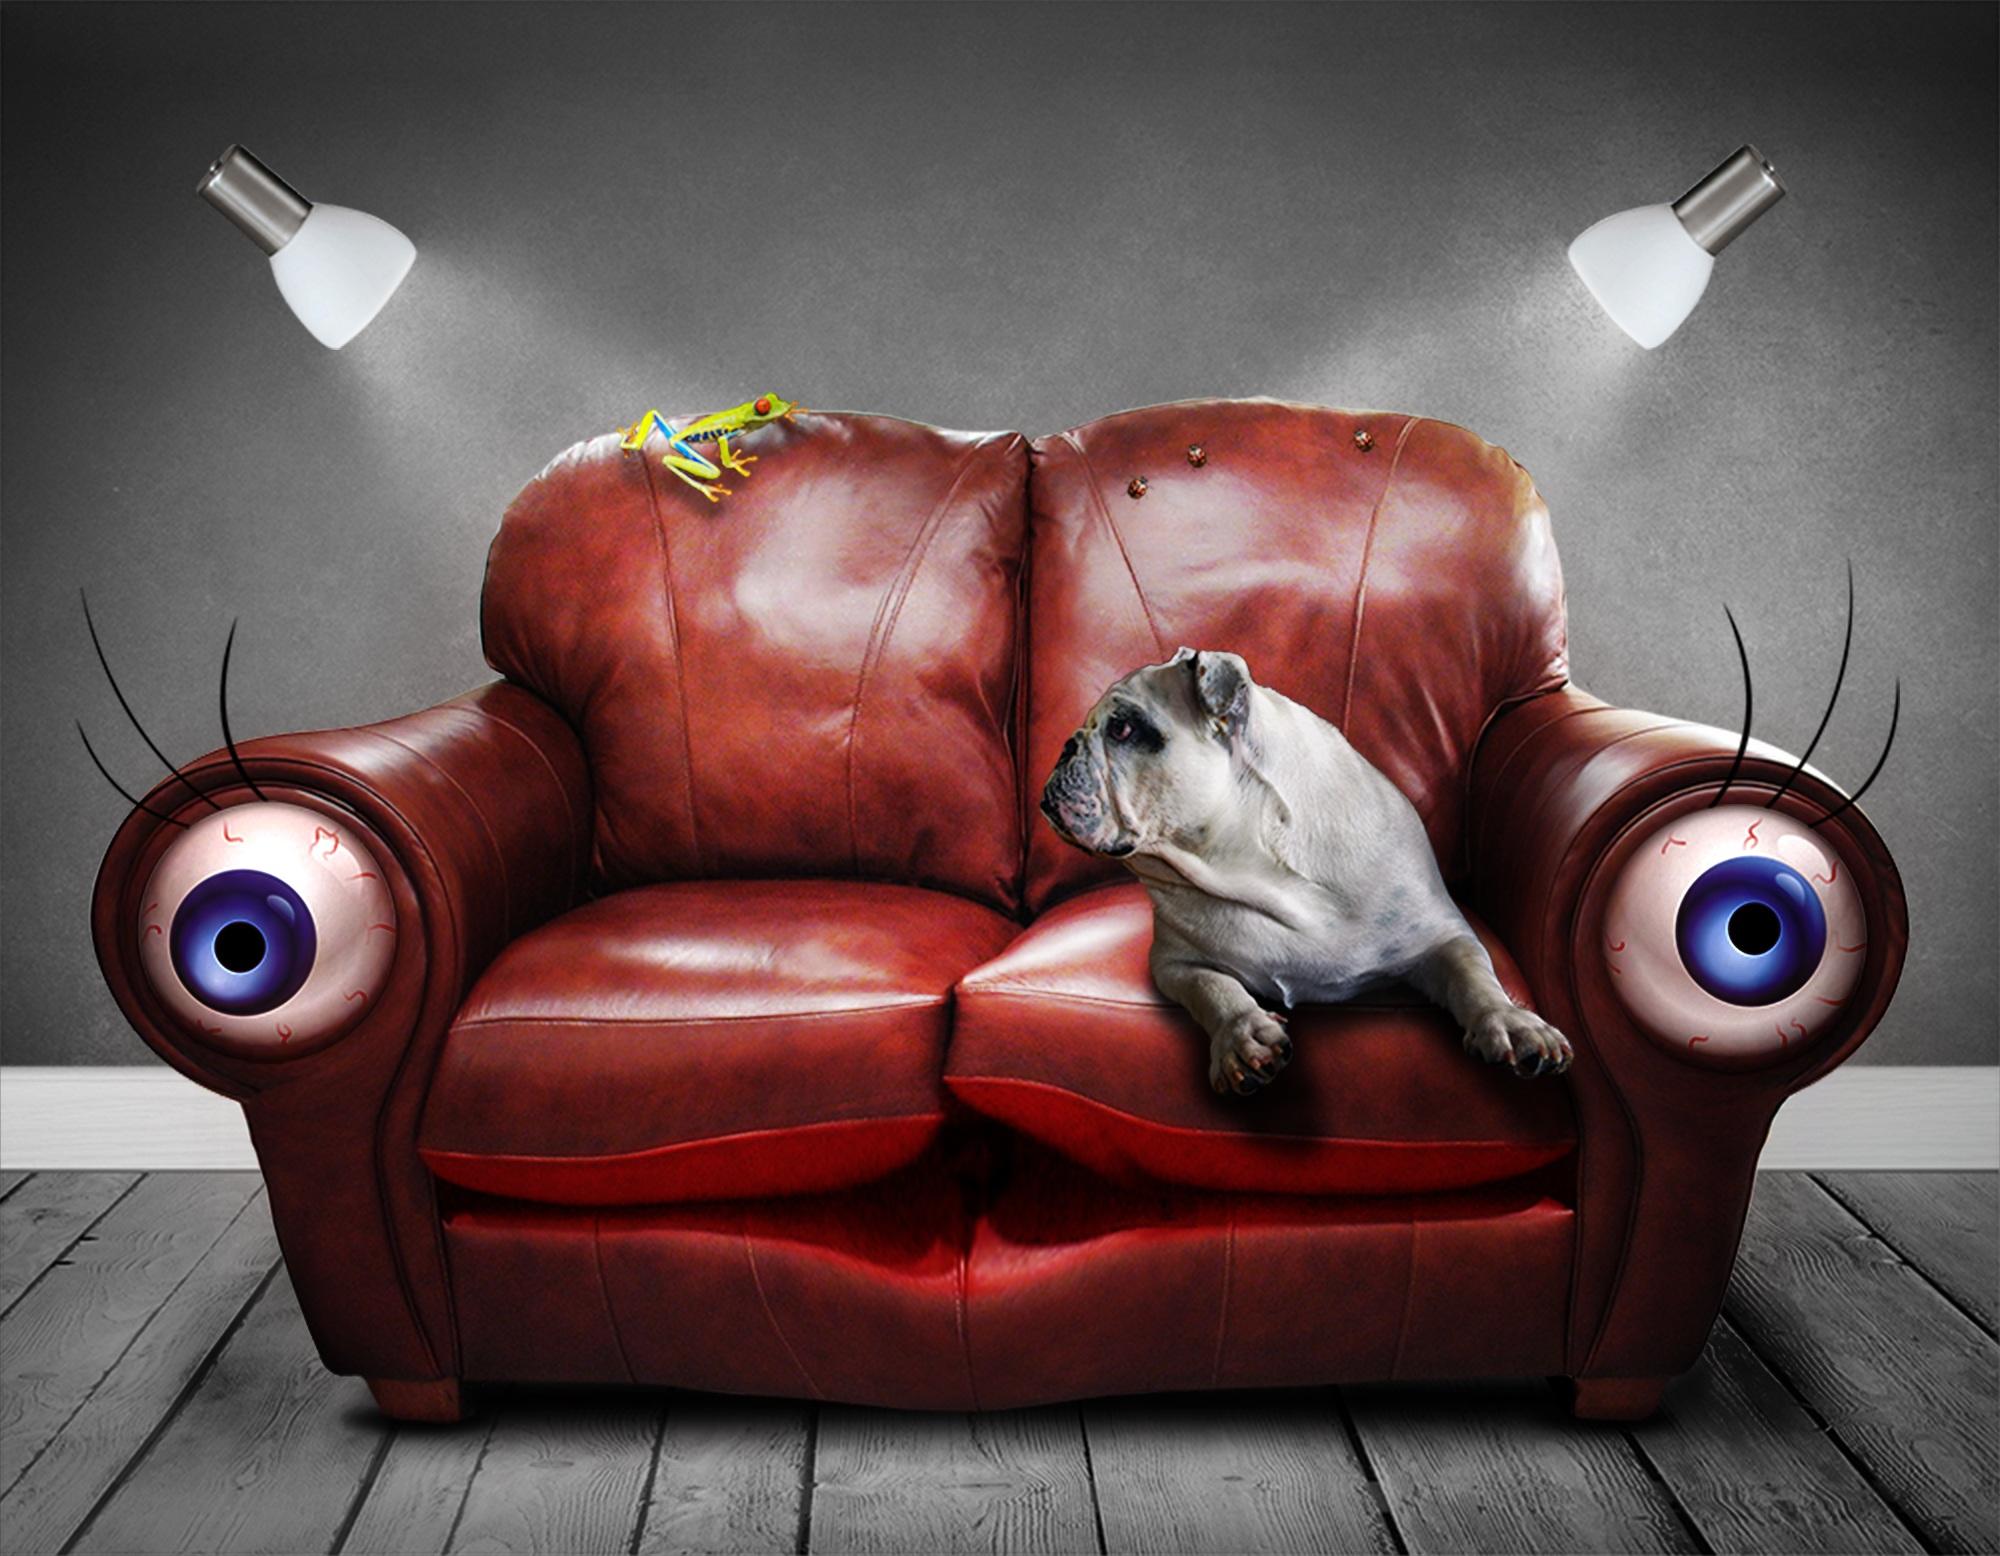 καναπέ, τα μάτια, σκύλος, σουρεαλιστικά, φαντασία - Wallpapers HD - Professor-falken.com